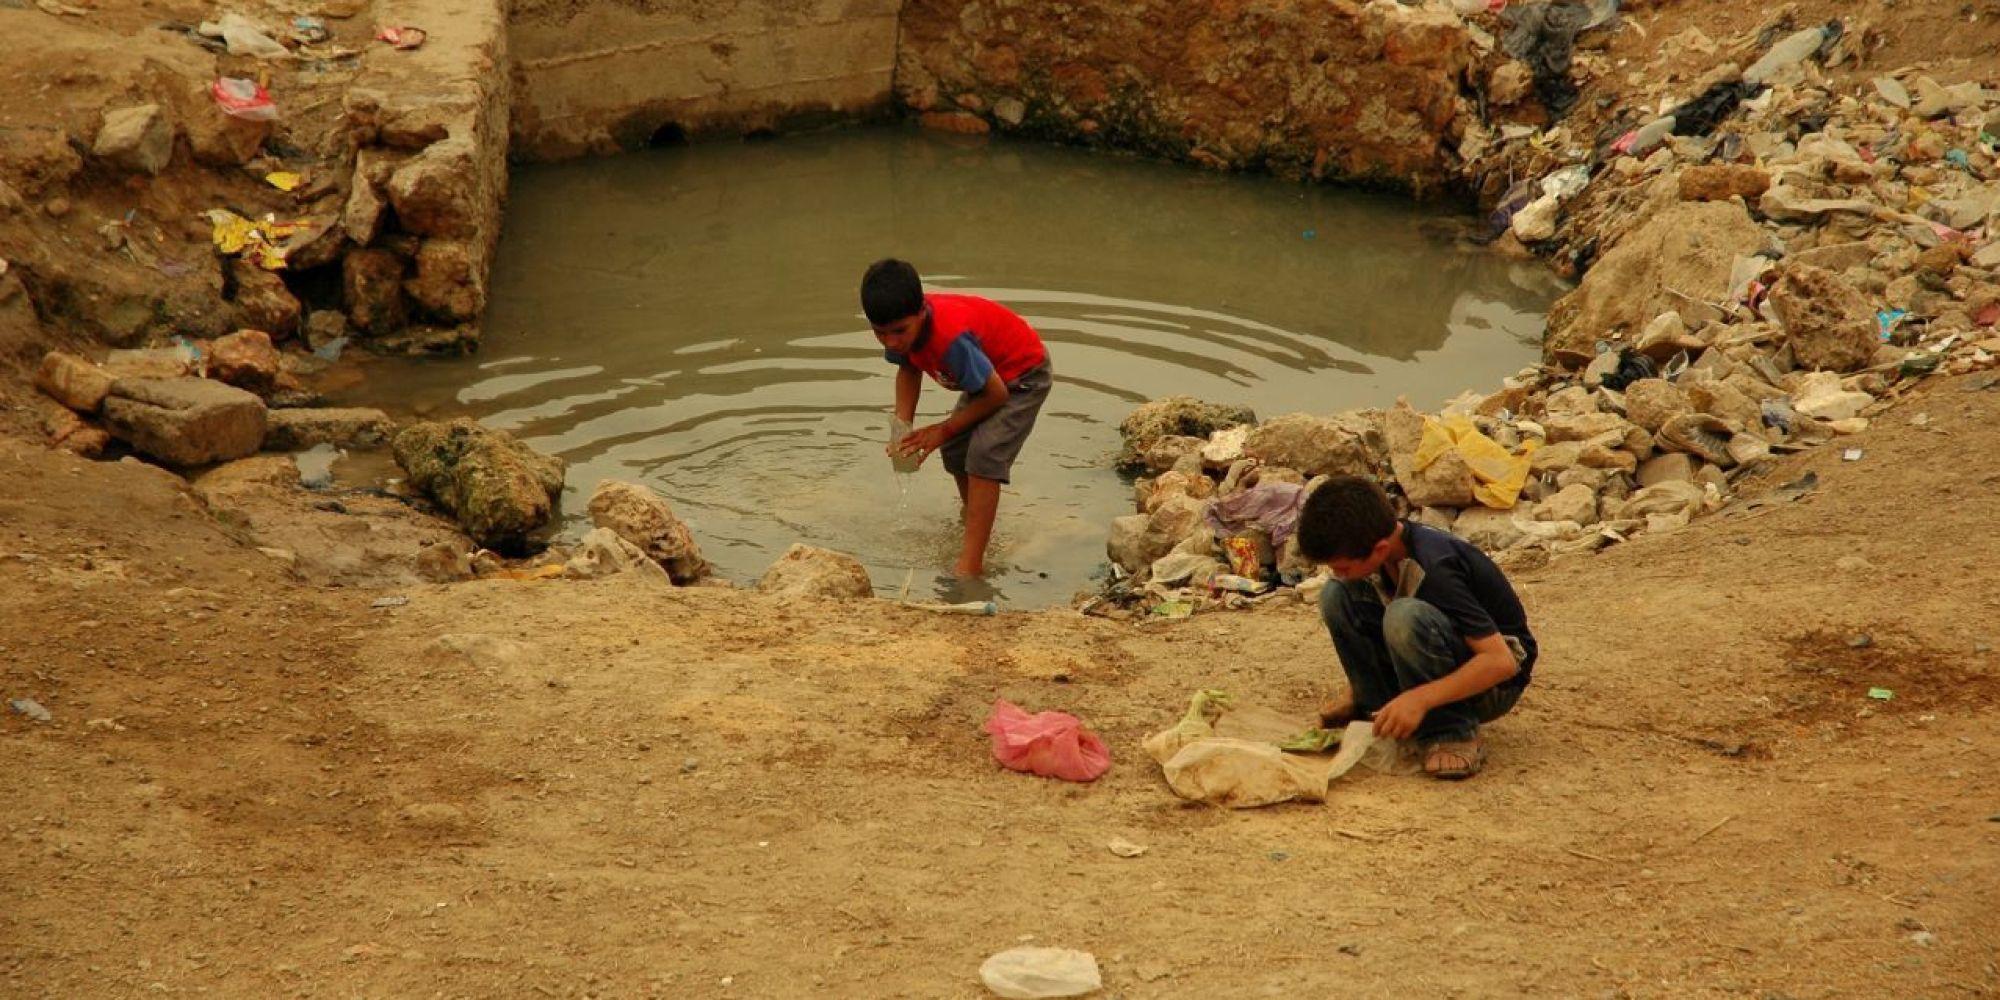 Le Maroc comptait 1,4 million d'enfants pauvres en 2014